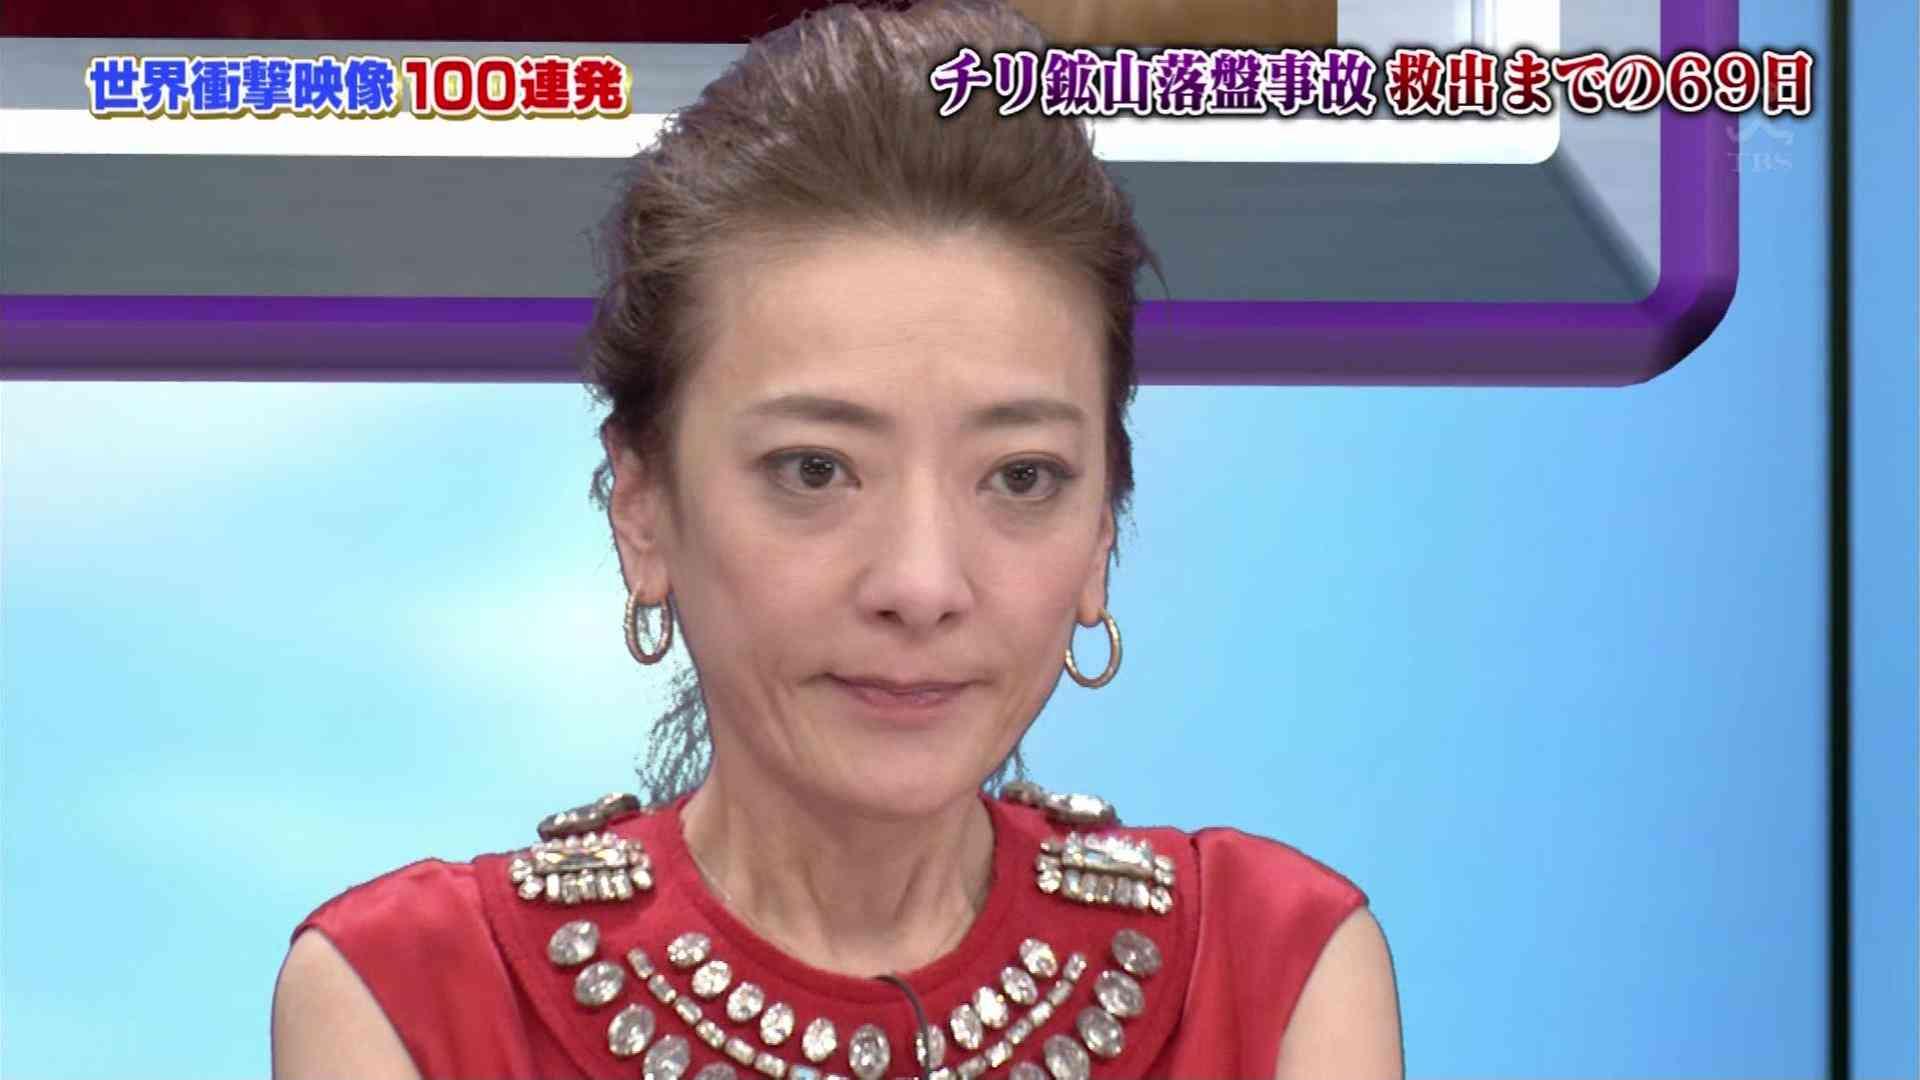 「ナチュラルでお若い!」 西川史子、髪形チェンジで爽やかさ漂うキュートな雰囲気に